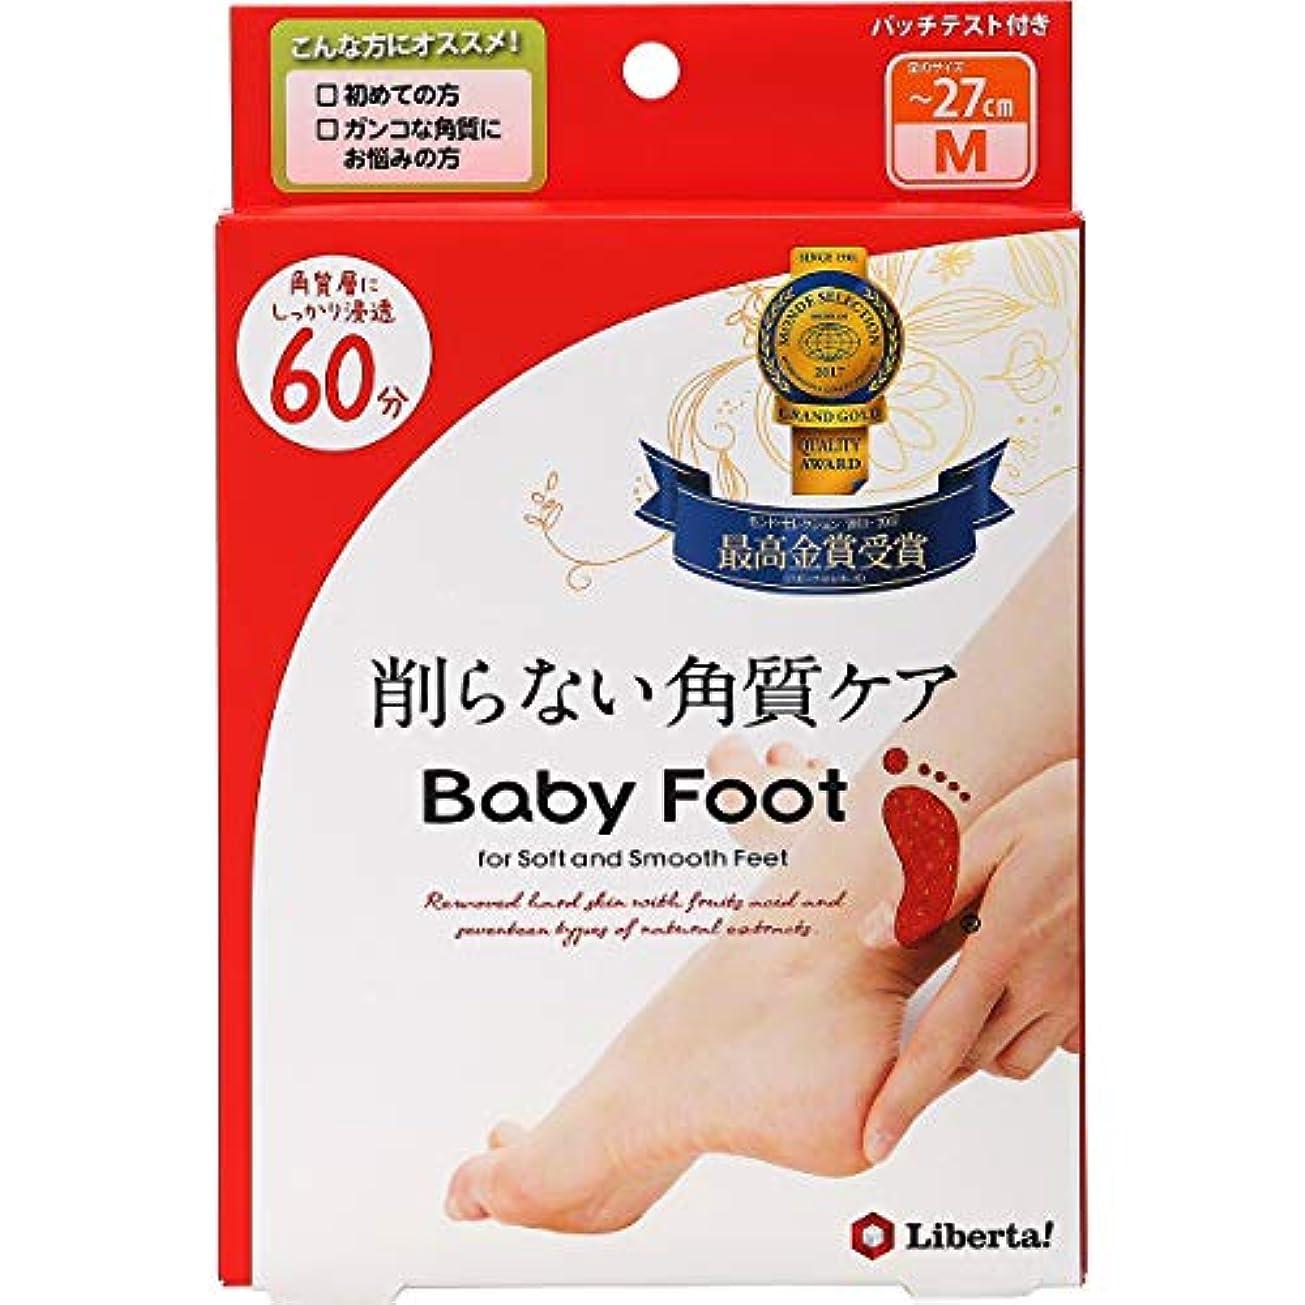 フロンティア本ソーダ水ベビーフット (Baby Foot) ベビーフット イージーパック SPT60分タイプ Mサイズ 単品